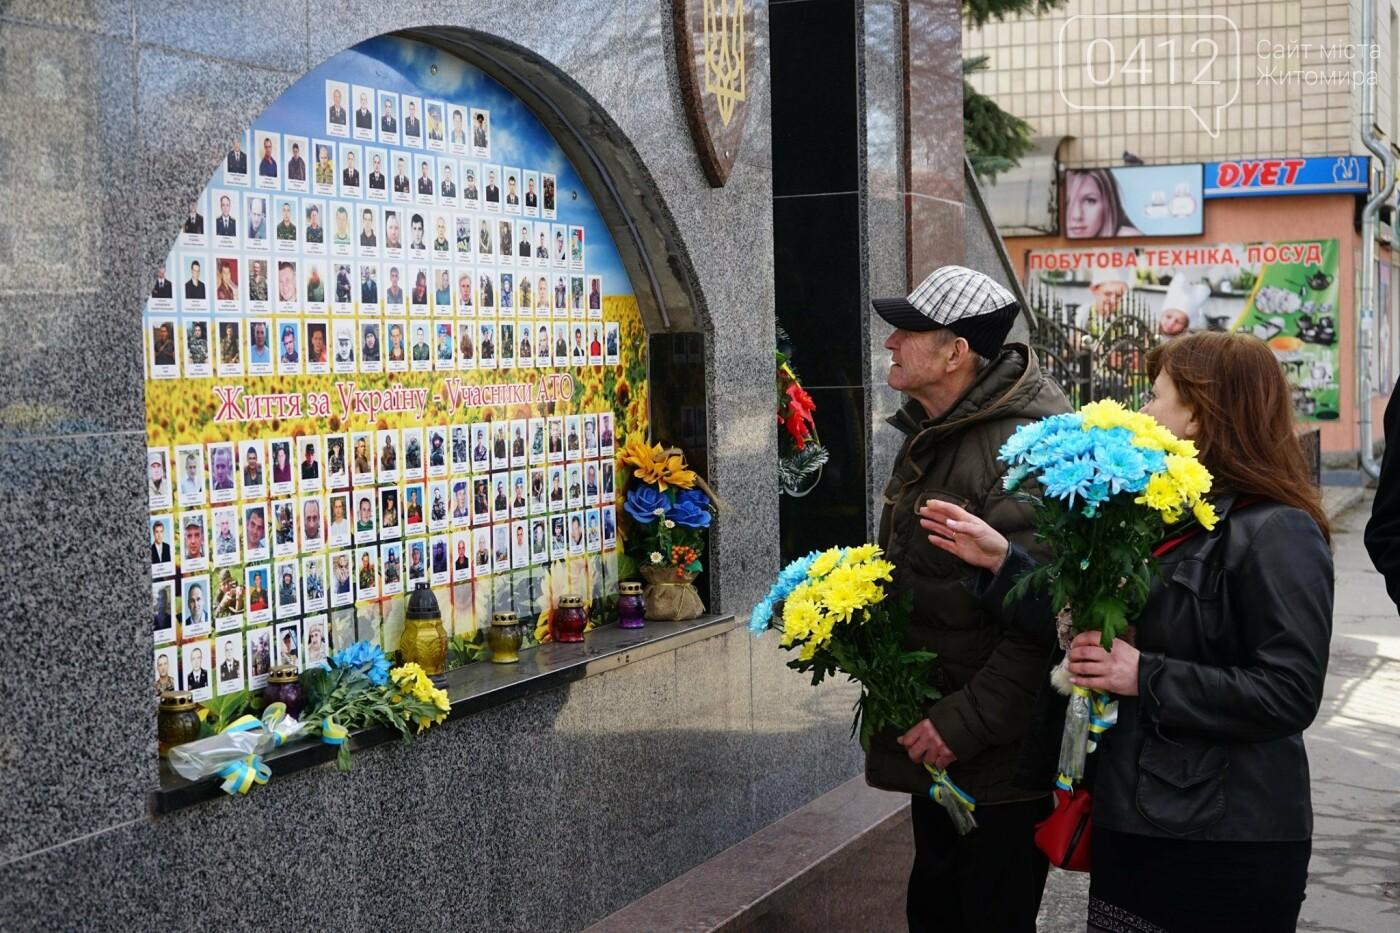 Рідних Героїв Небесної Сотні Житомирщини відвідав Віталій Бунечко, фото-11